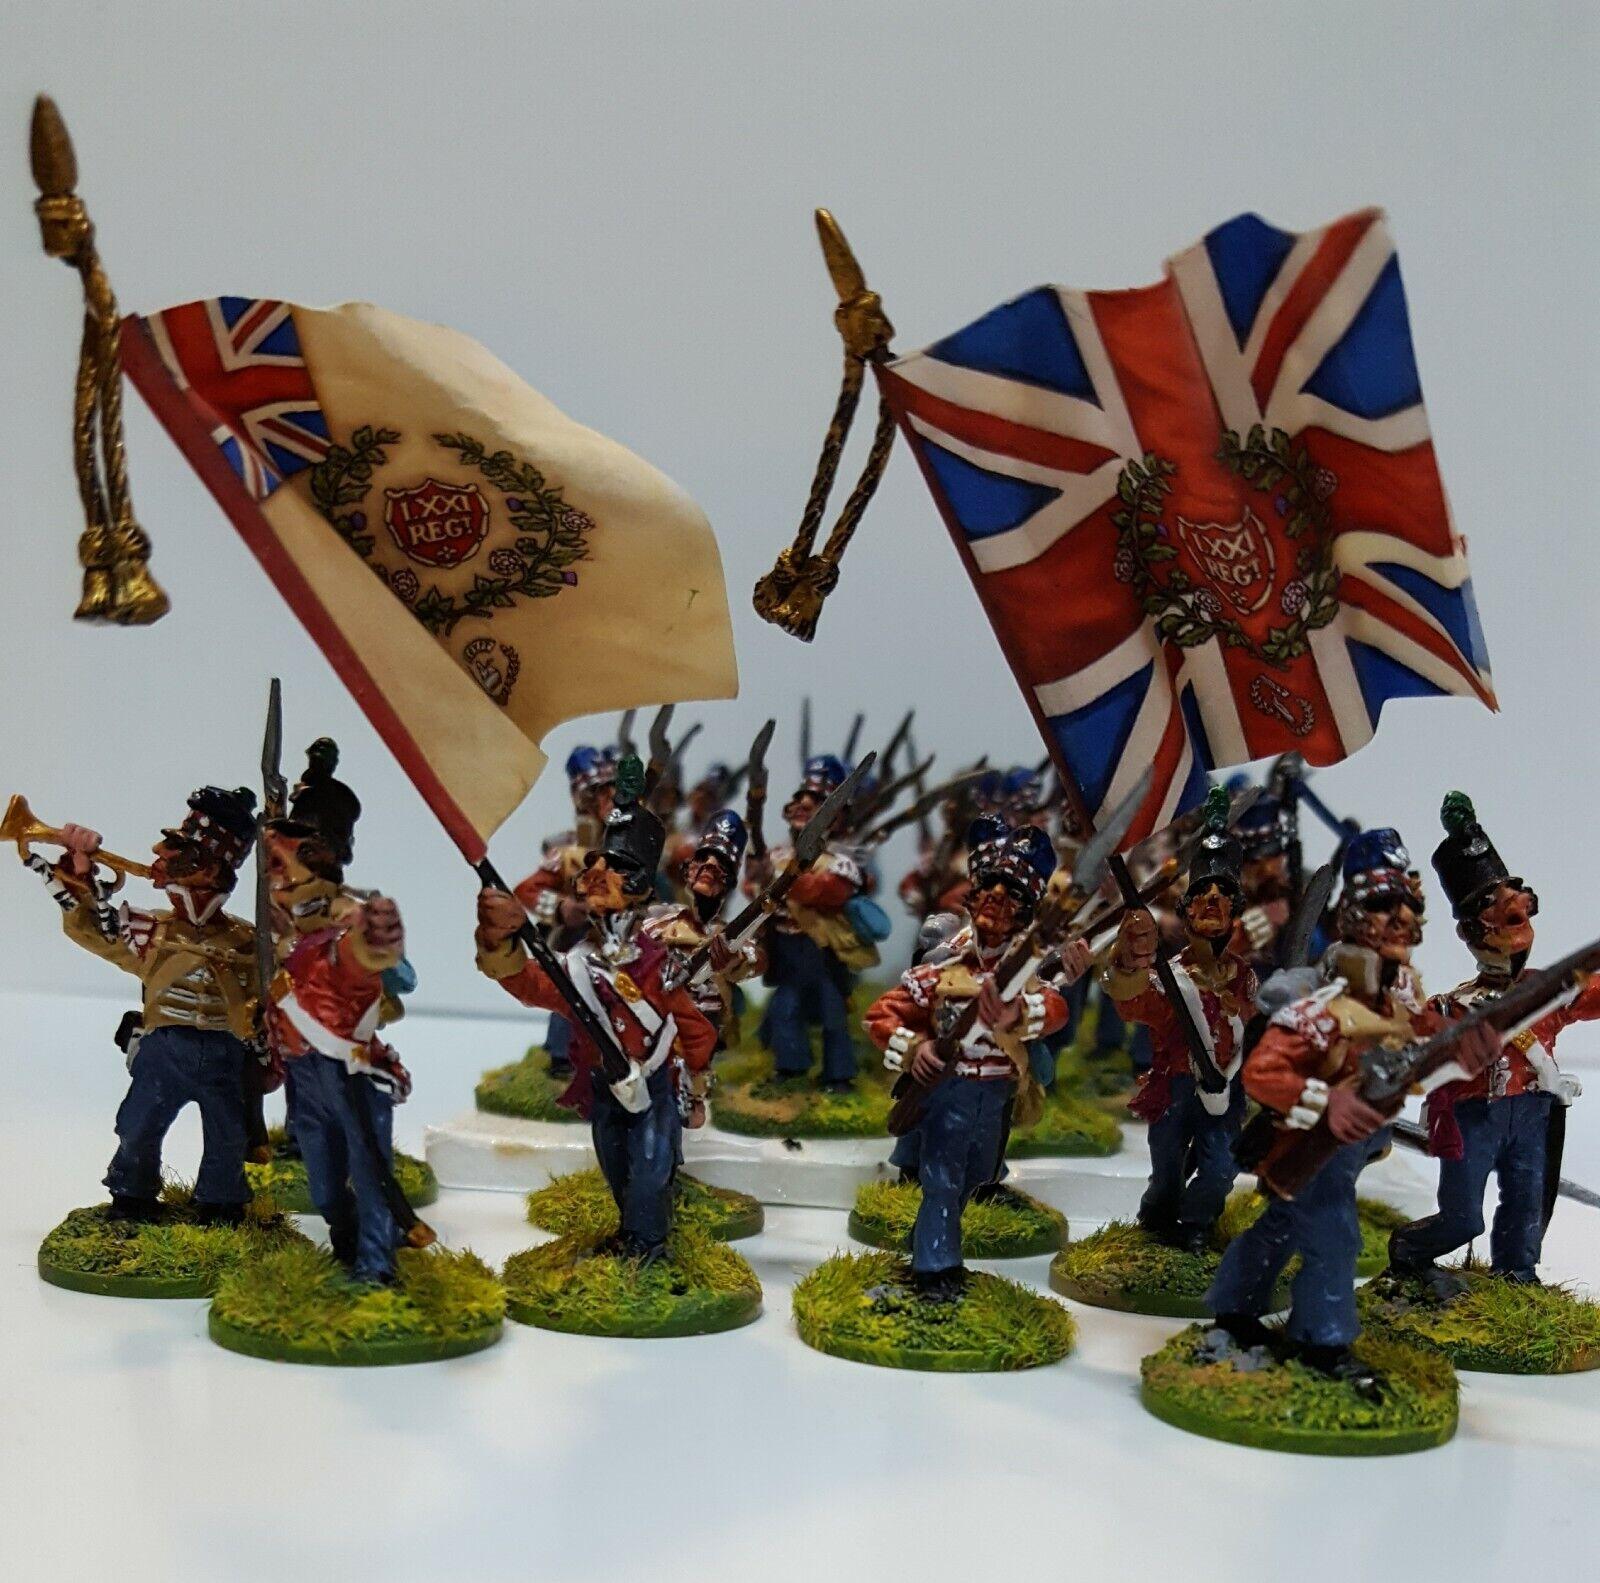 28MM frente figuras de rango británica Peninsular Infantería-Charles S Grant Collection